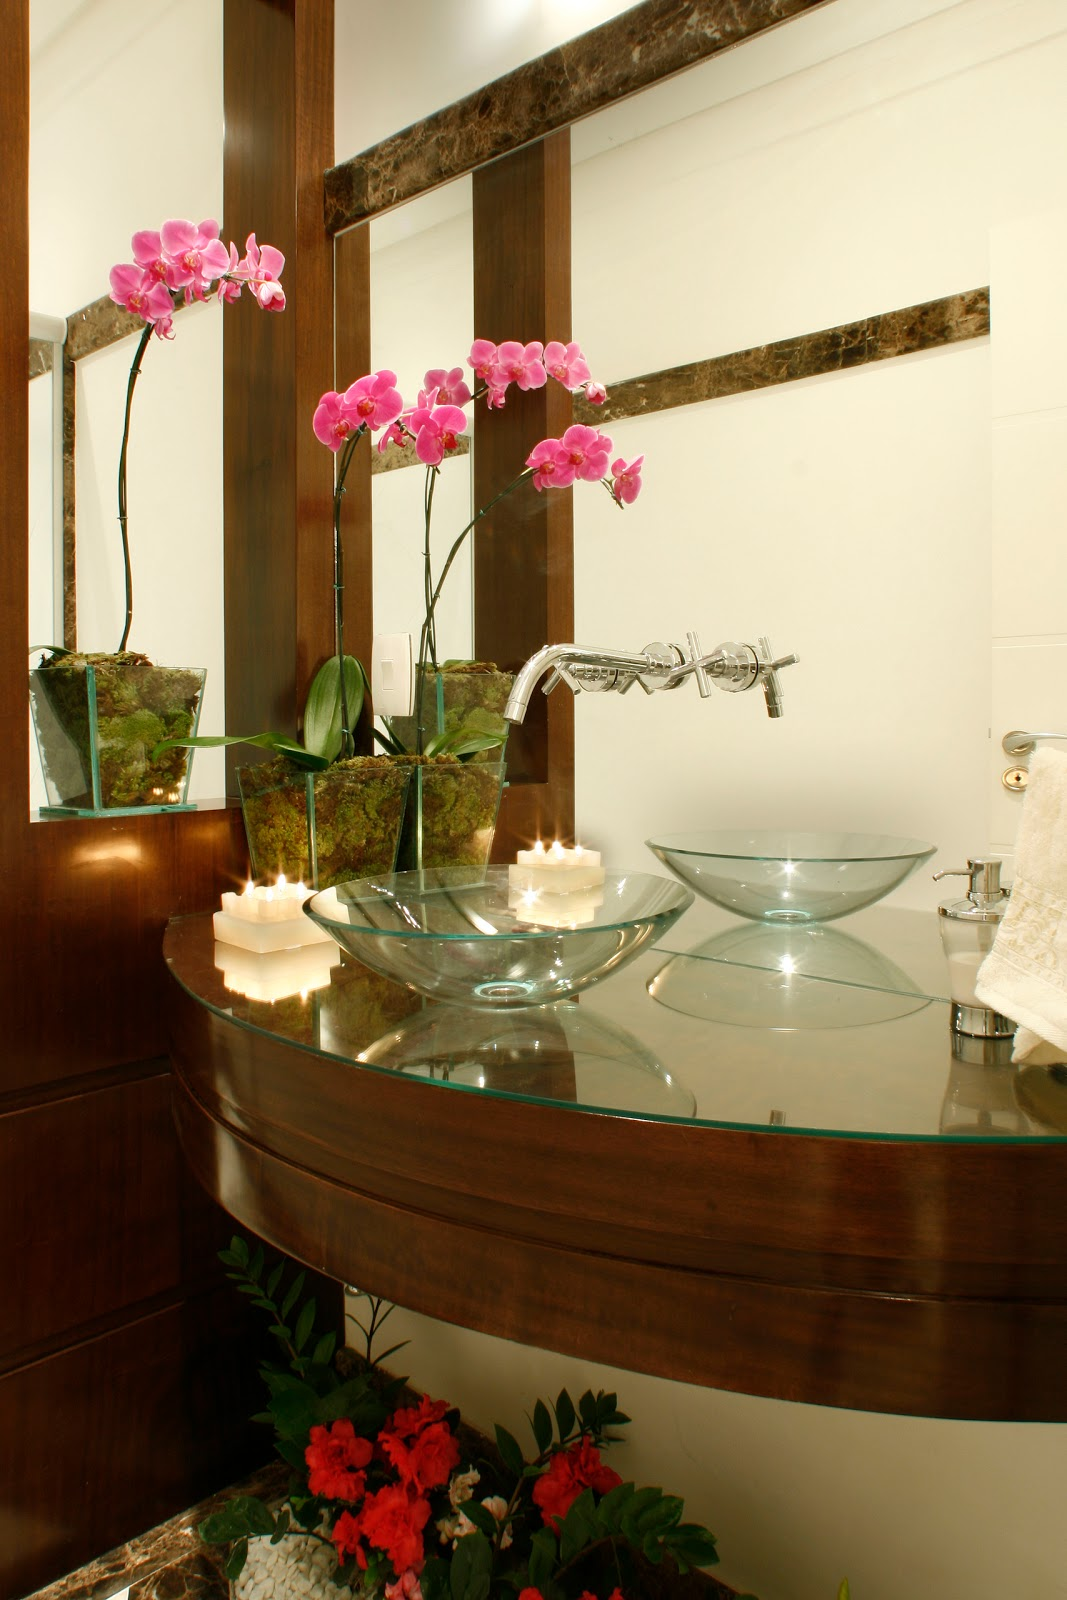 decoracao banheiro antigo:Decor Samira Ferro: DECORANDO SEU BANHEIRO  #311C06 1067 1600